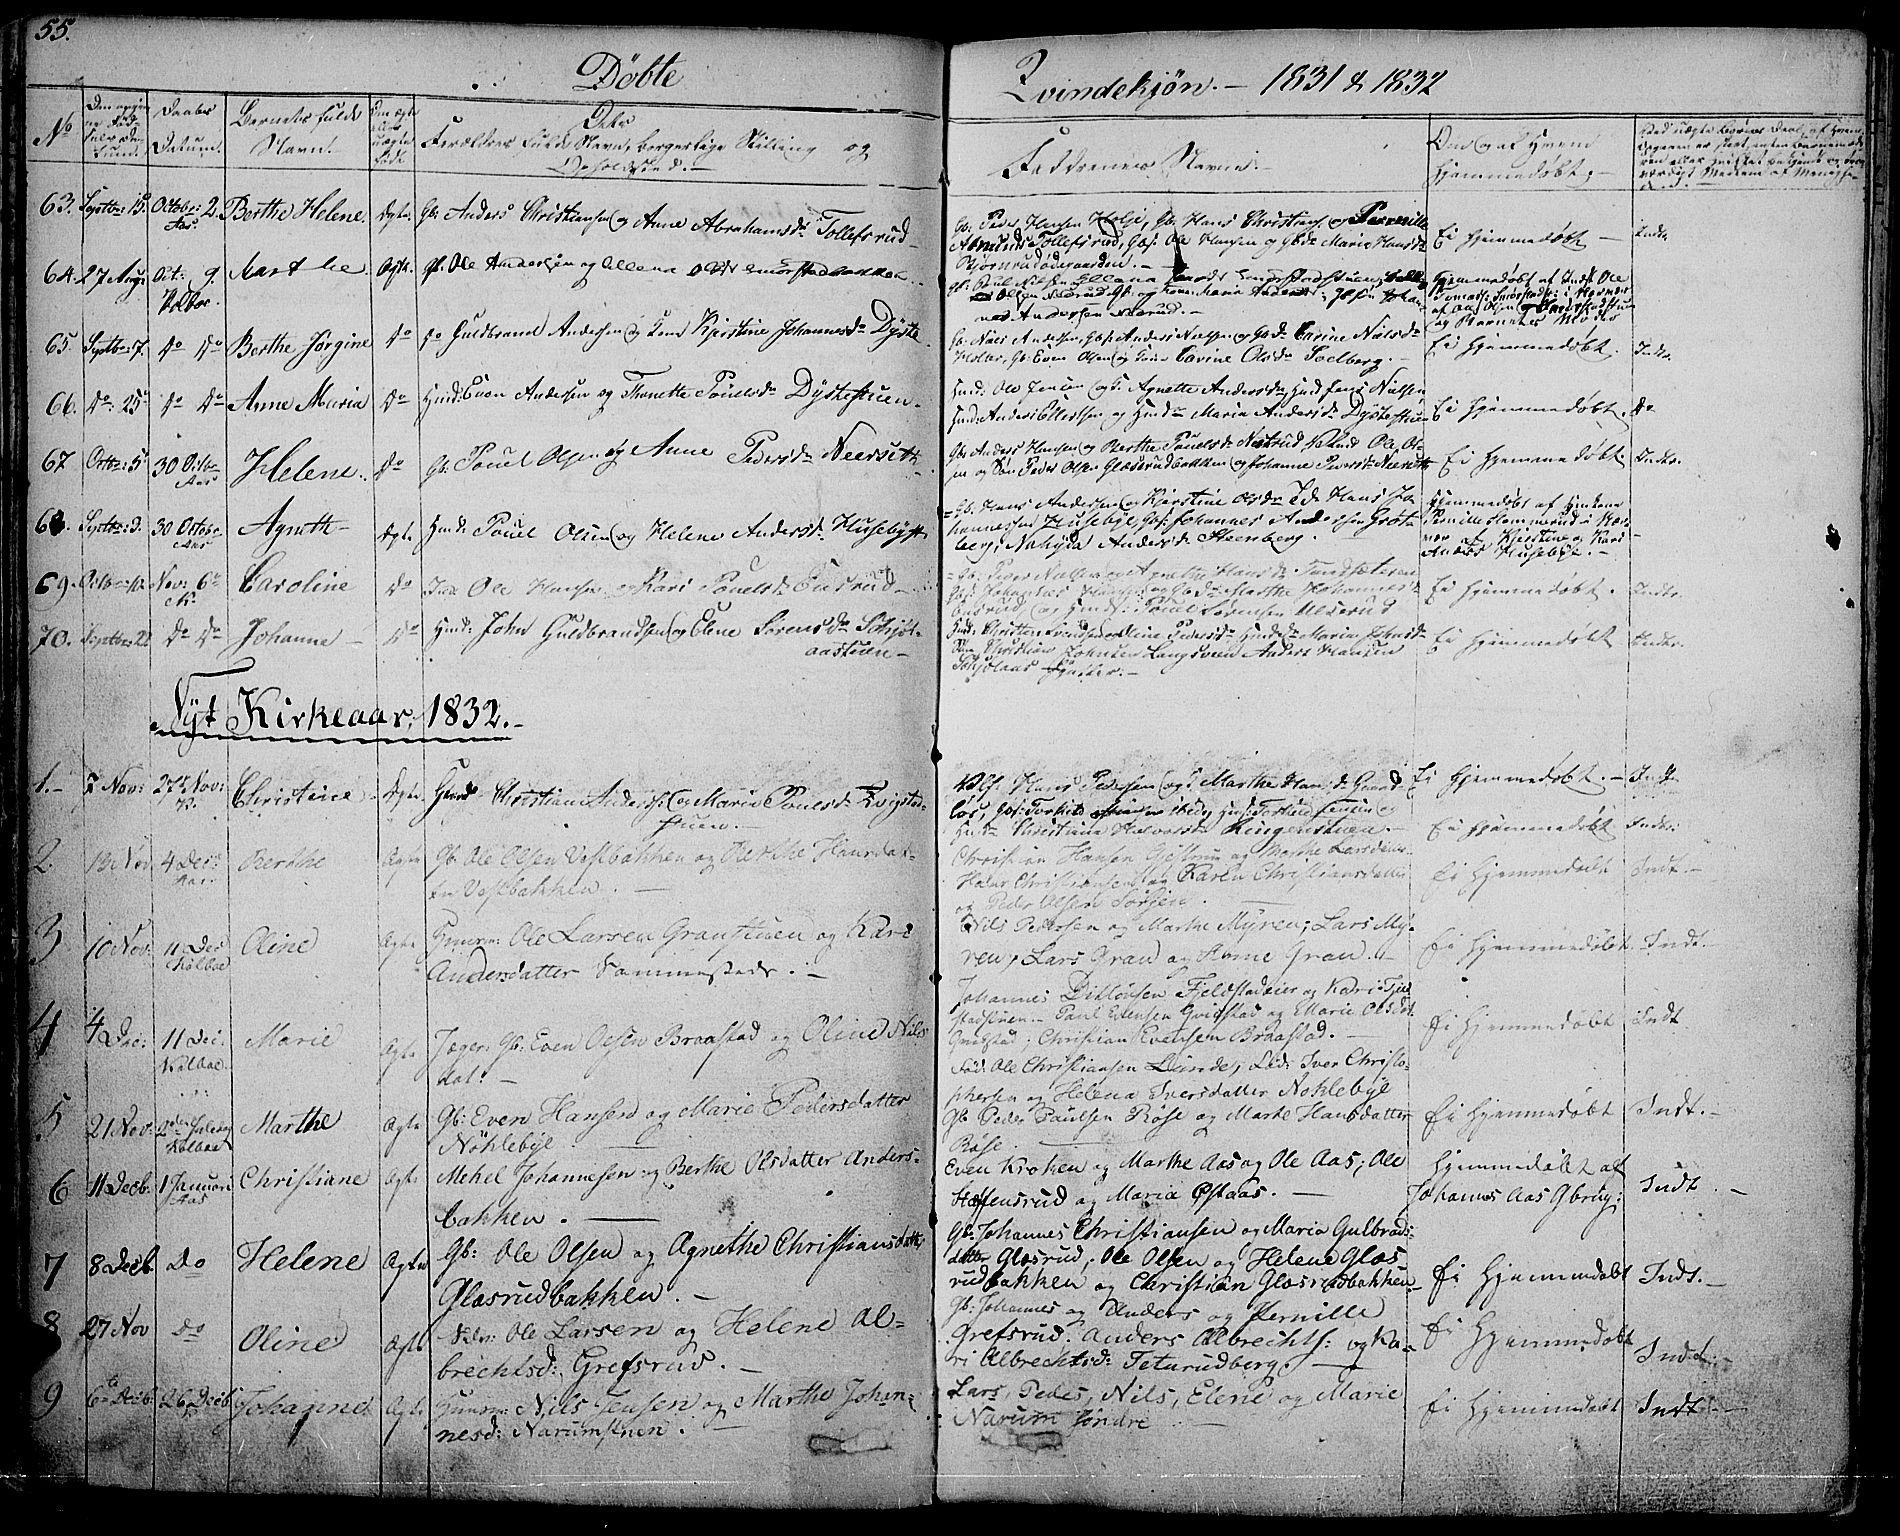 SAH, Vestre Toten prestekontor, Ministerialbok nr. 2, 1825-1837, s. 55